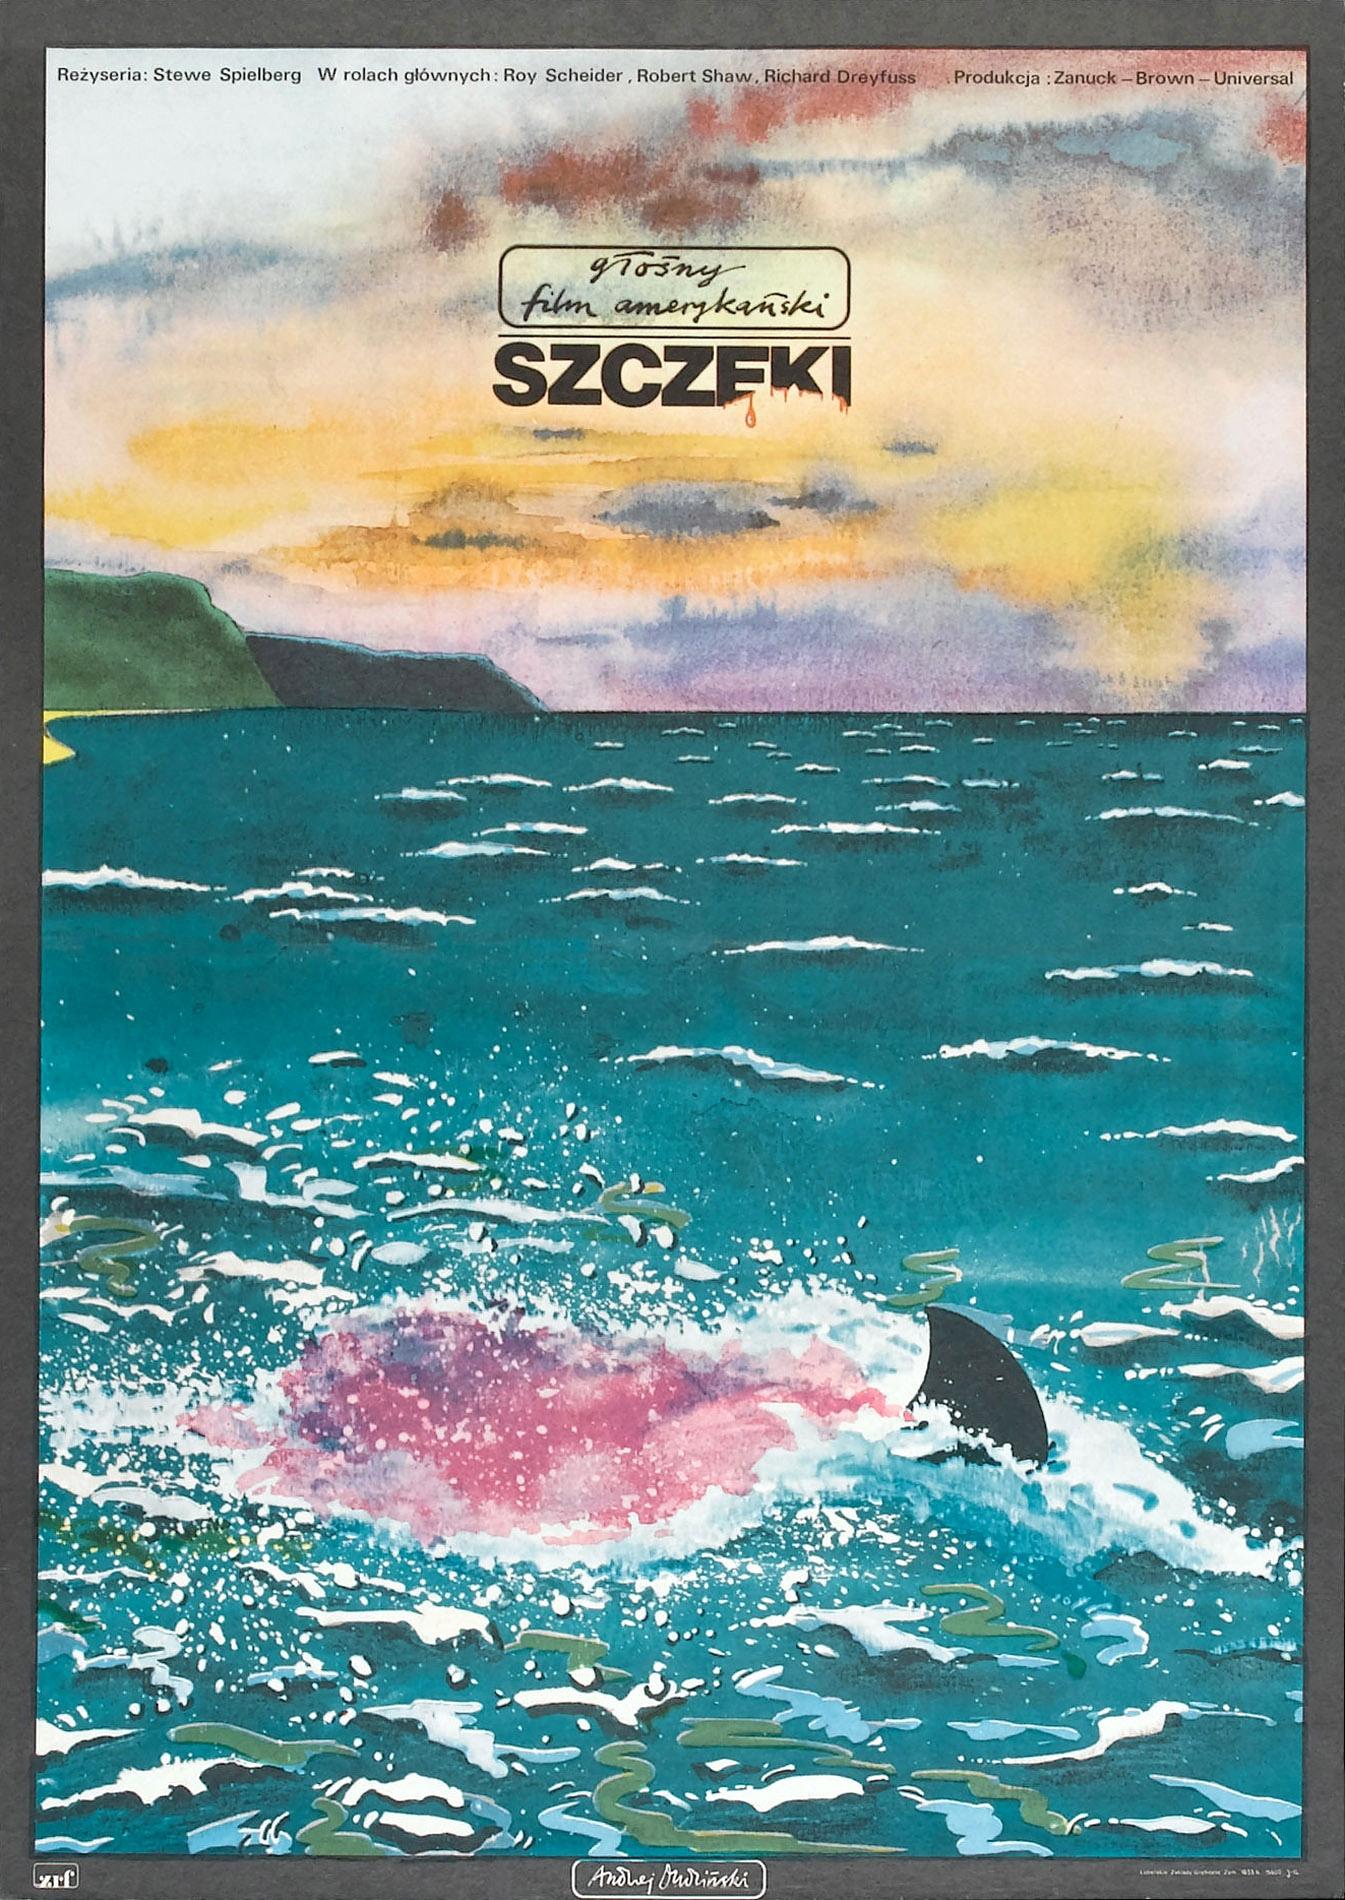 Jaws Polish poster